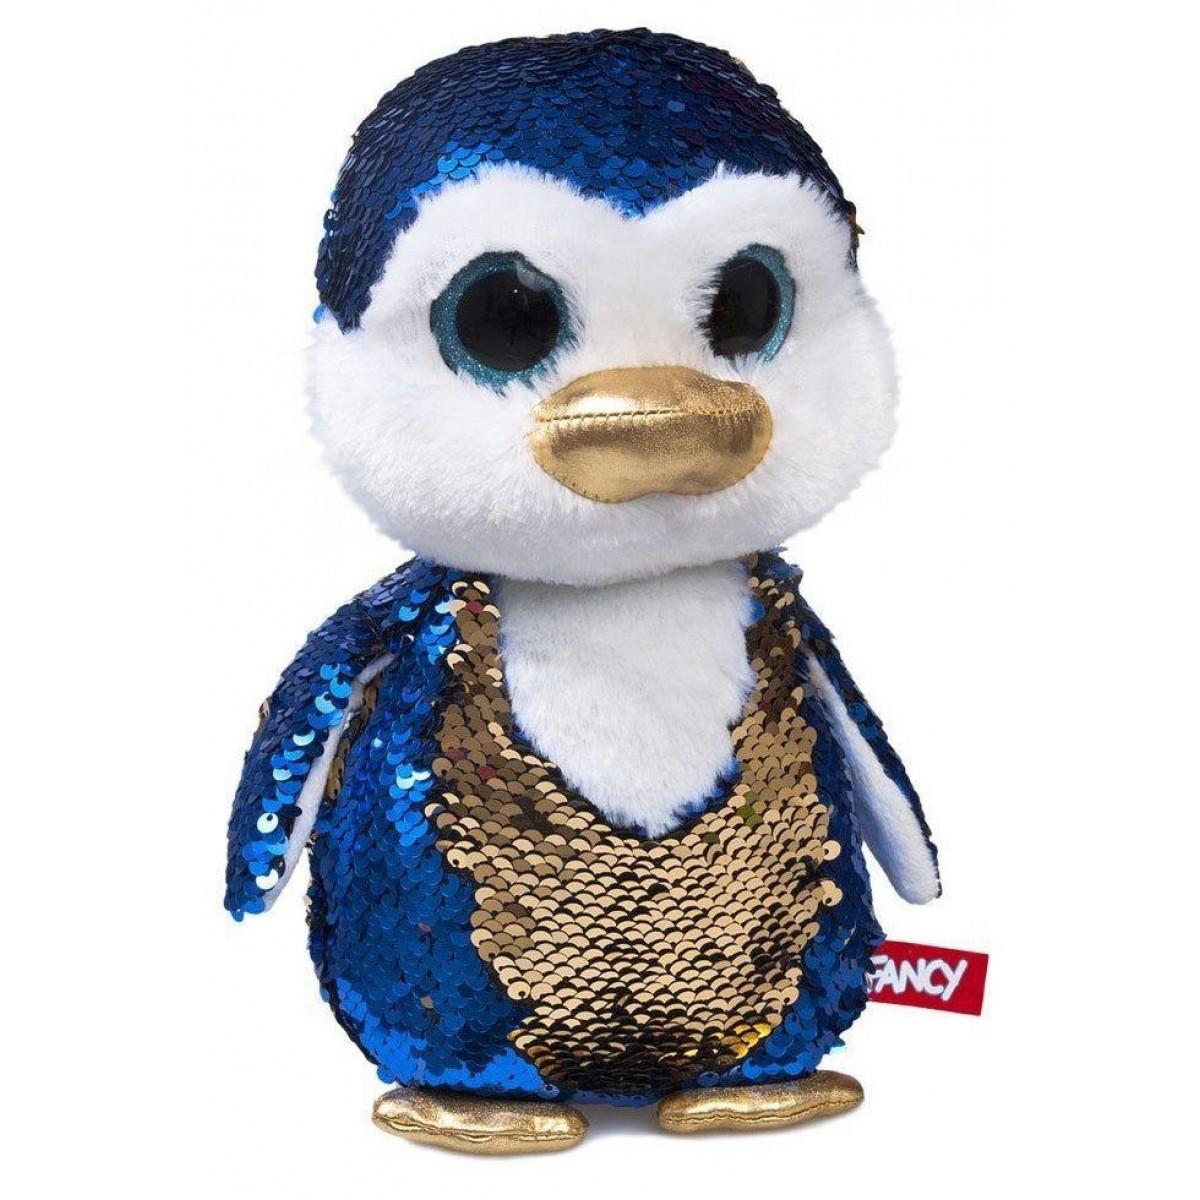 Мягкая игрушка Fancy Пингвинчик Сапфир 23 см мягкая игрушка fancy котик рубин 17 см